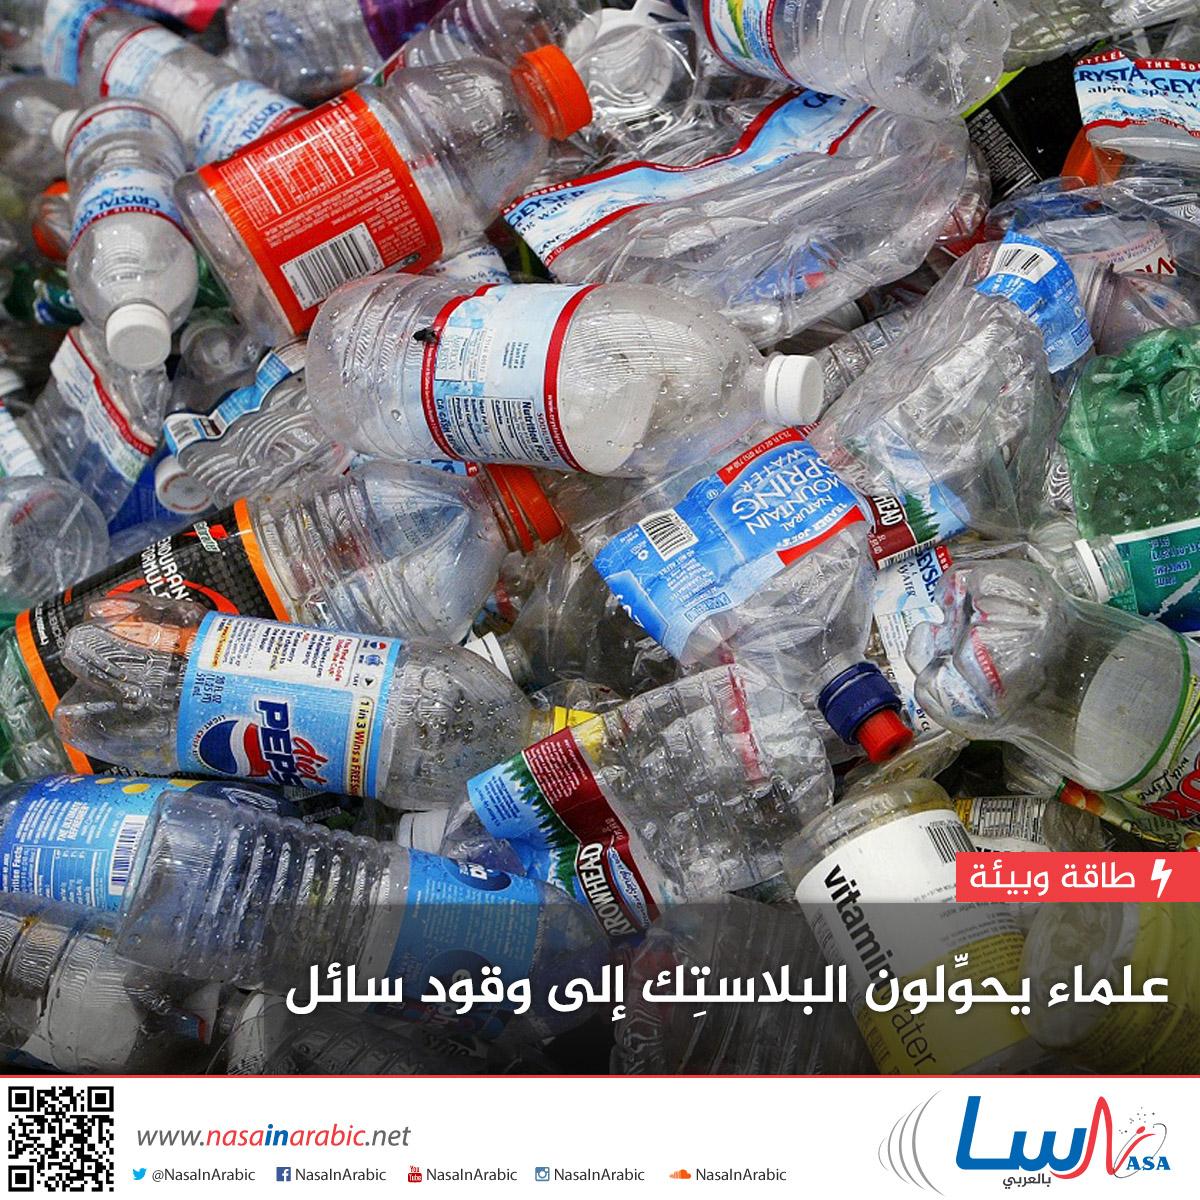 علماء يحوِّلون البلاستِك إلى وقود سائل